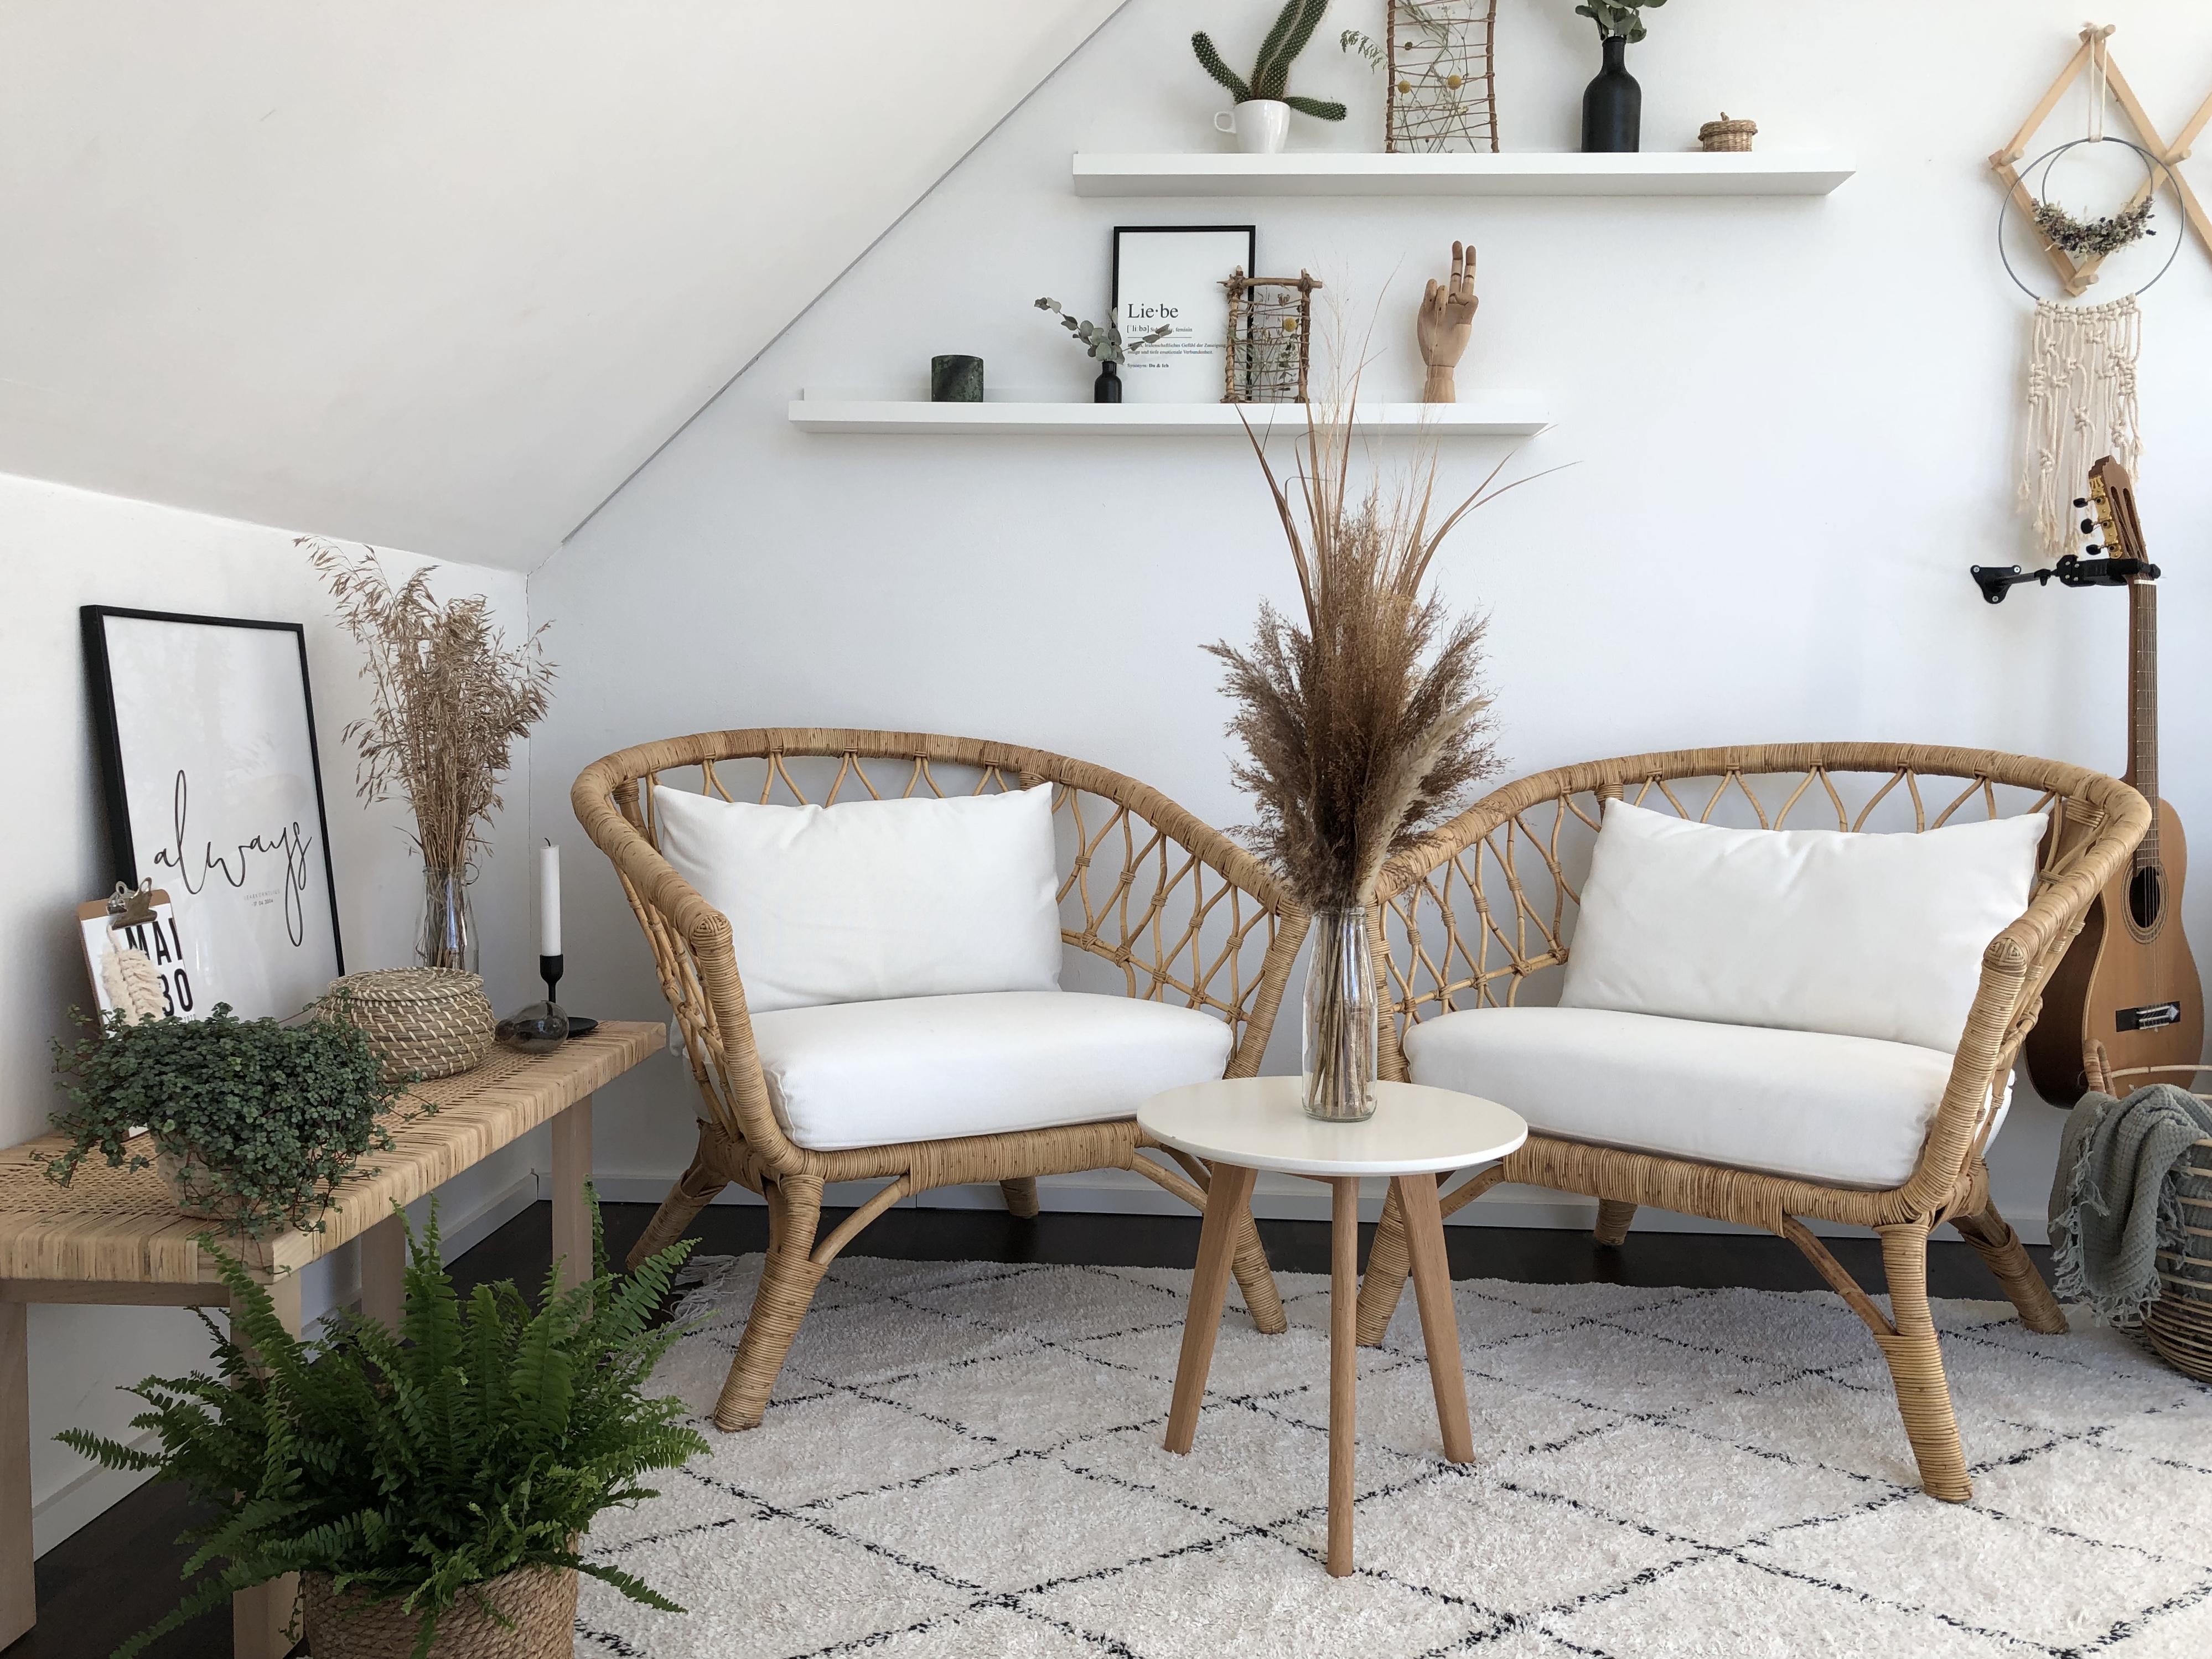 Dachgeschoß in weiß mit Sesseln - Homestory Beton trifft auf Glas. Weitere Wohnideen findest du bei desmondo.de